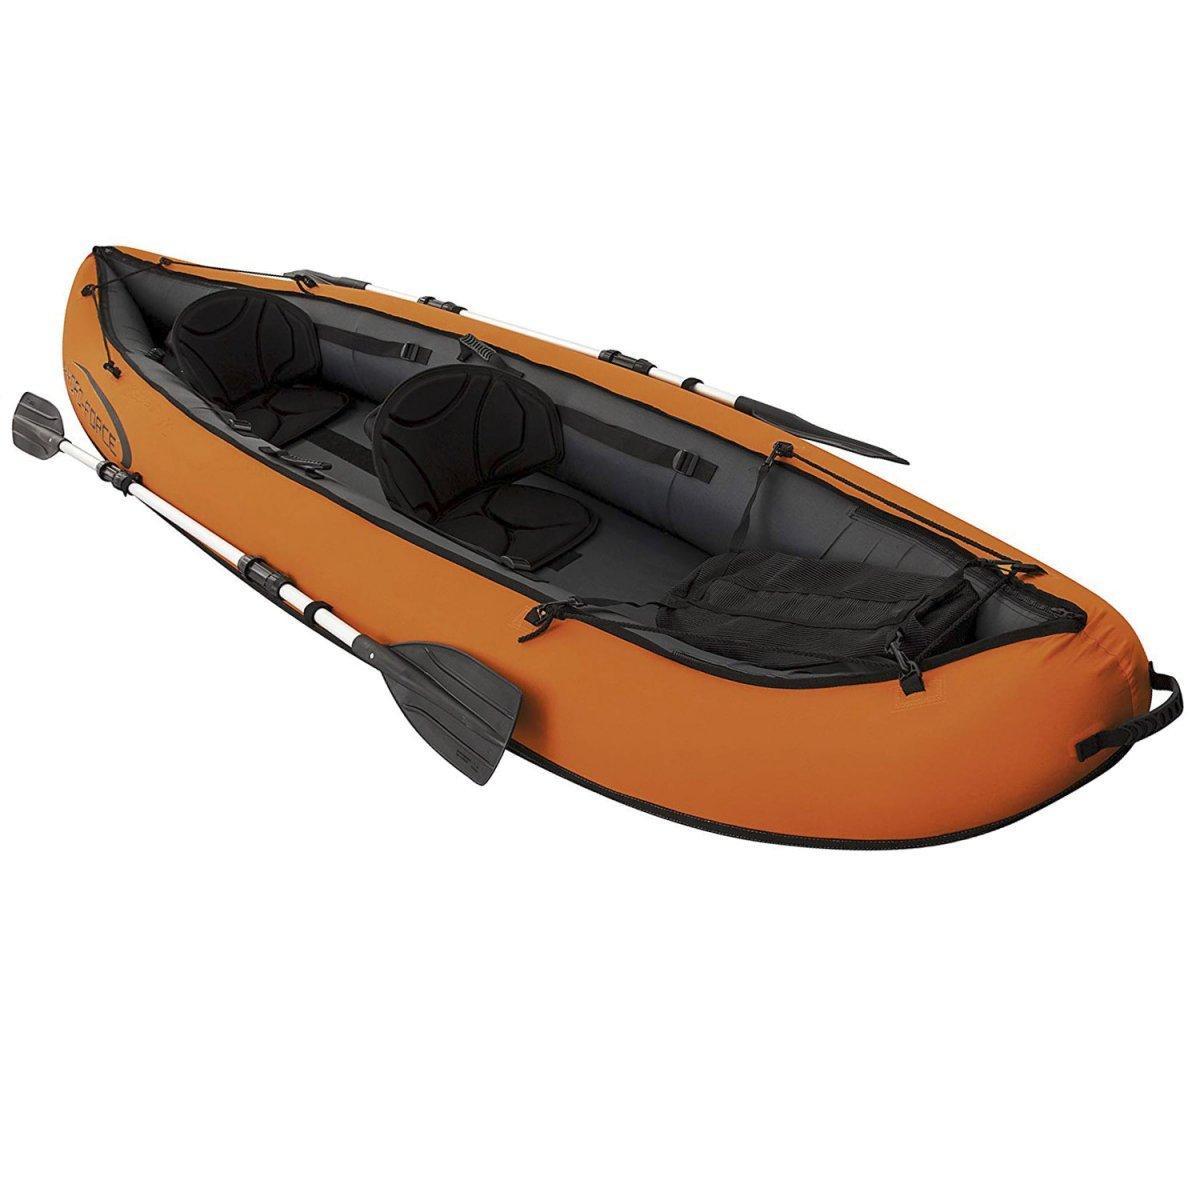 Двухместная надувная байдарка (каяк) Bestway 65052 Ventura Kayak, 330 х 94 см, с веслами и насосом